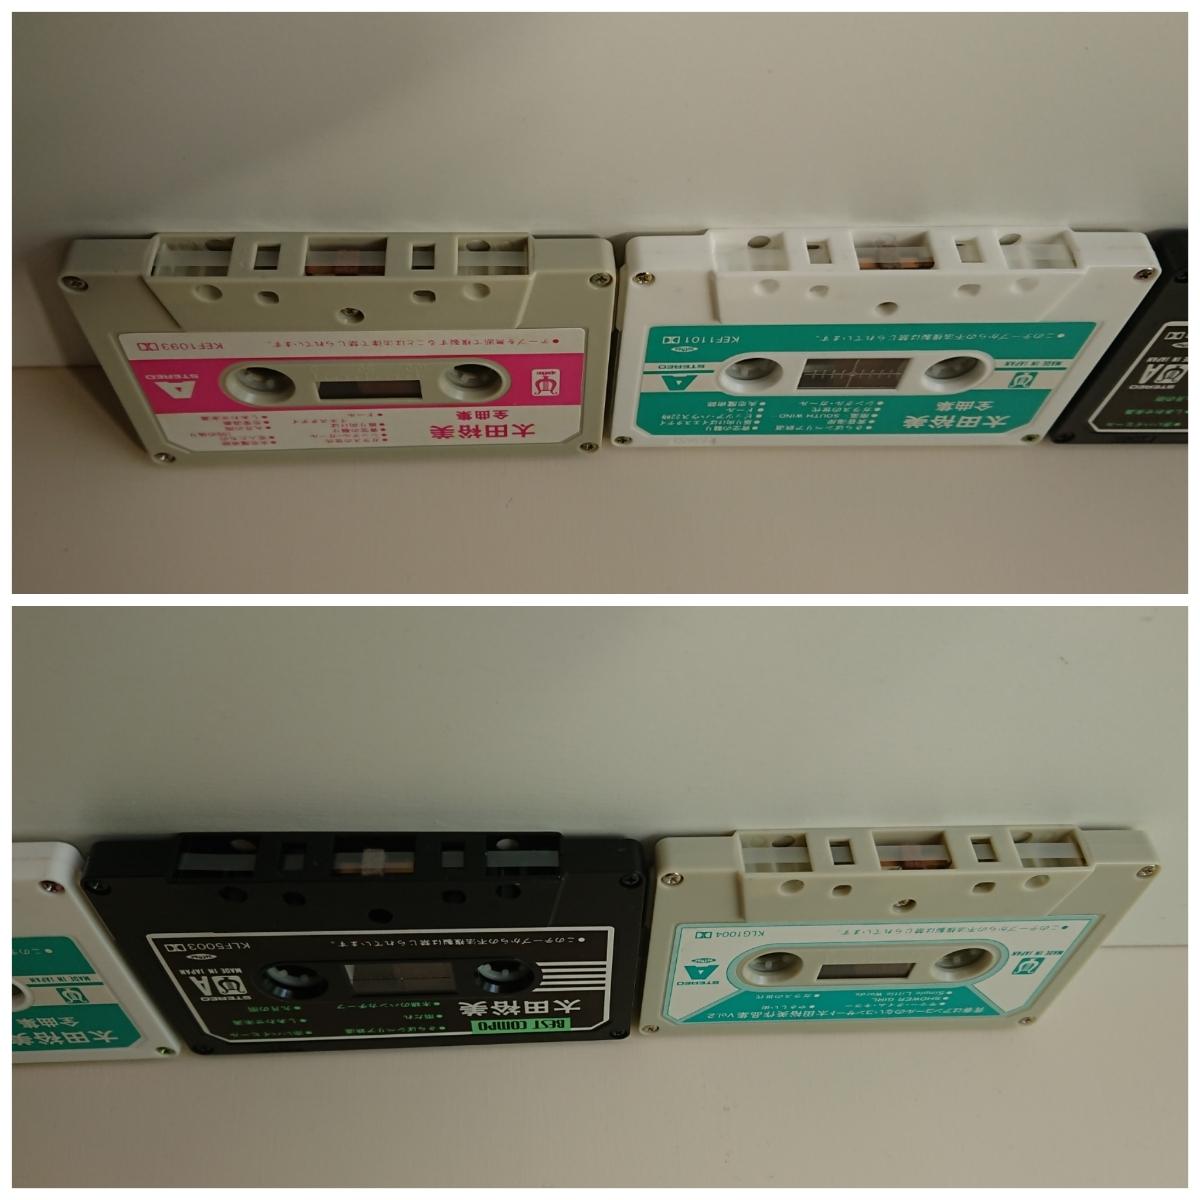 太田裕美 全曲集など 中古カセットテープ4個 歌詞カード付き 昭和レトロ_カセットのテープ面